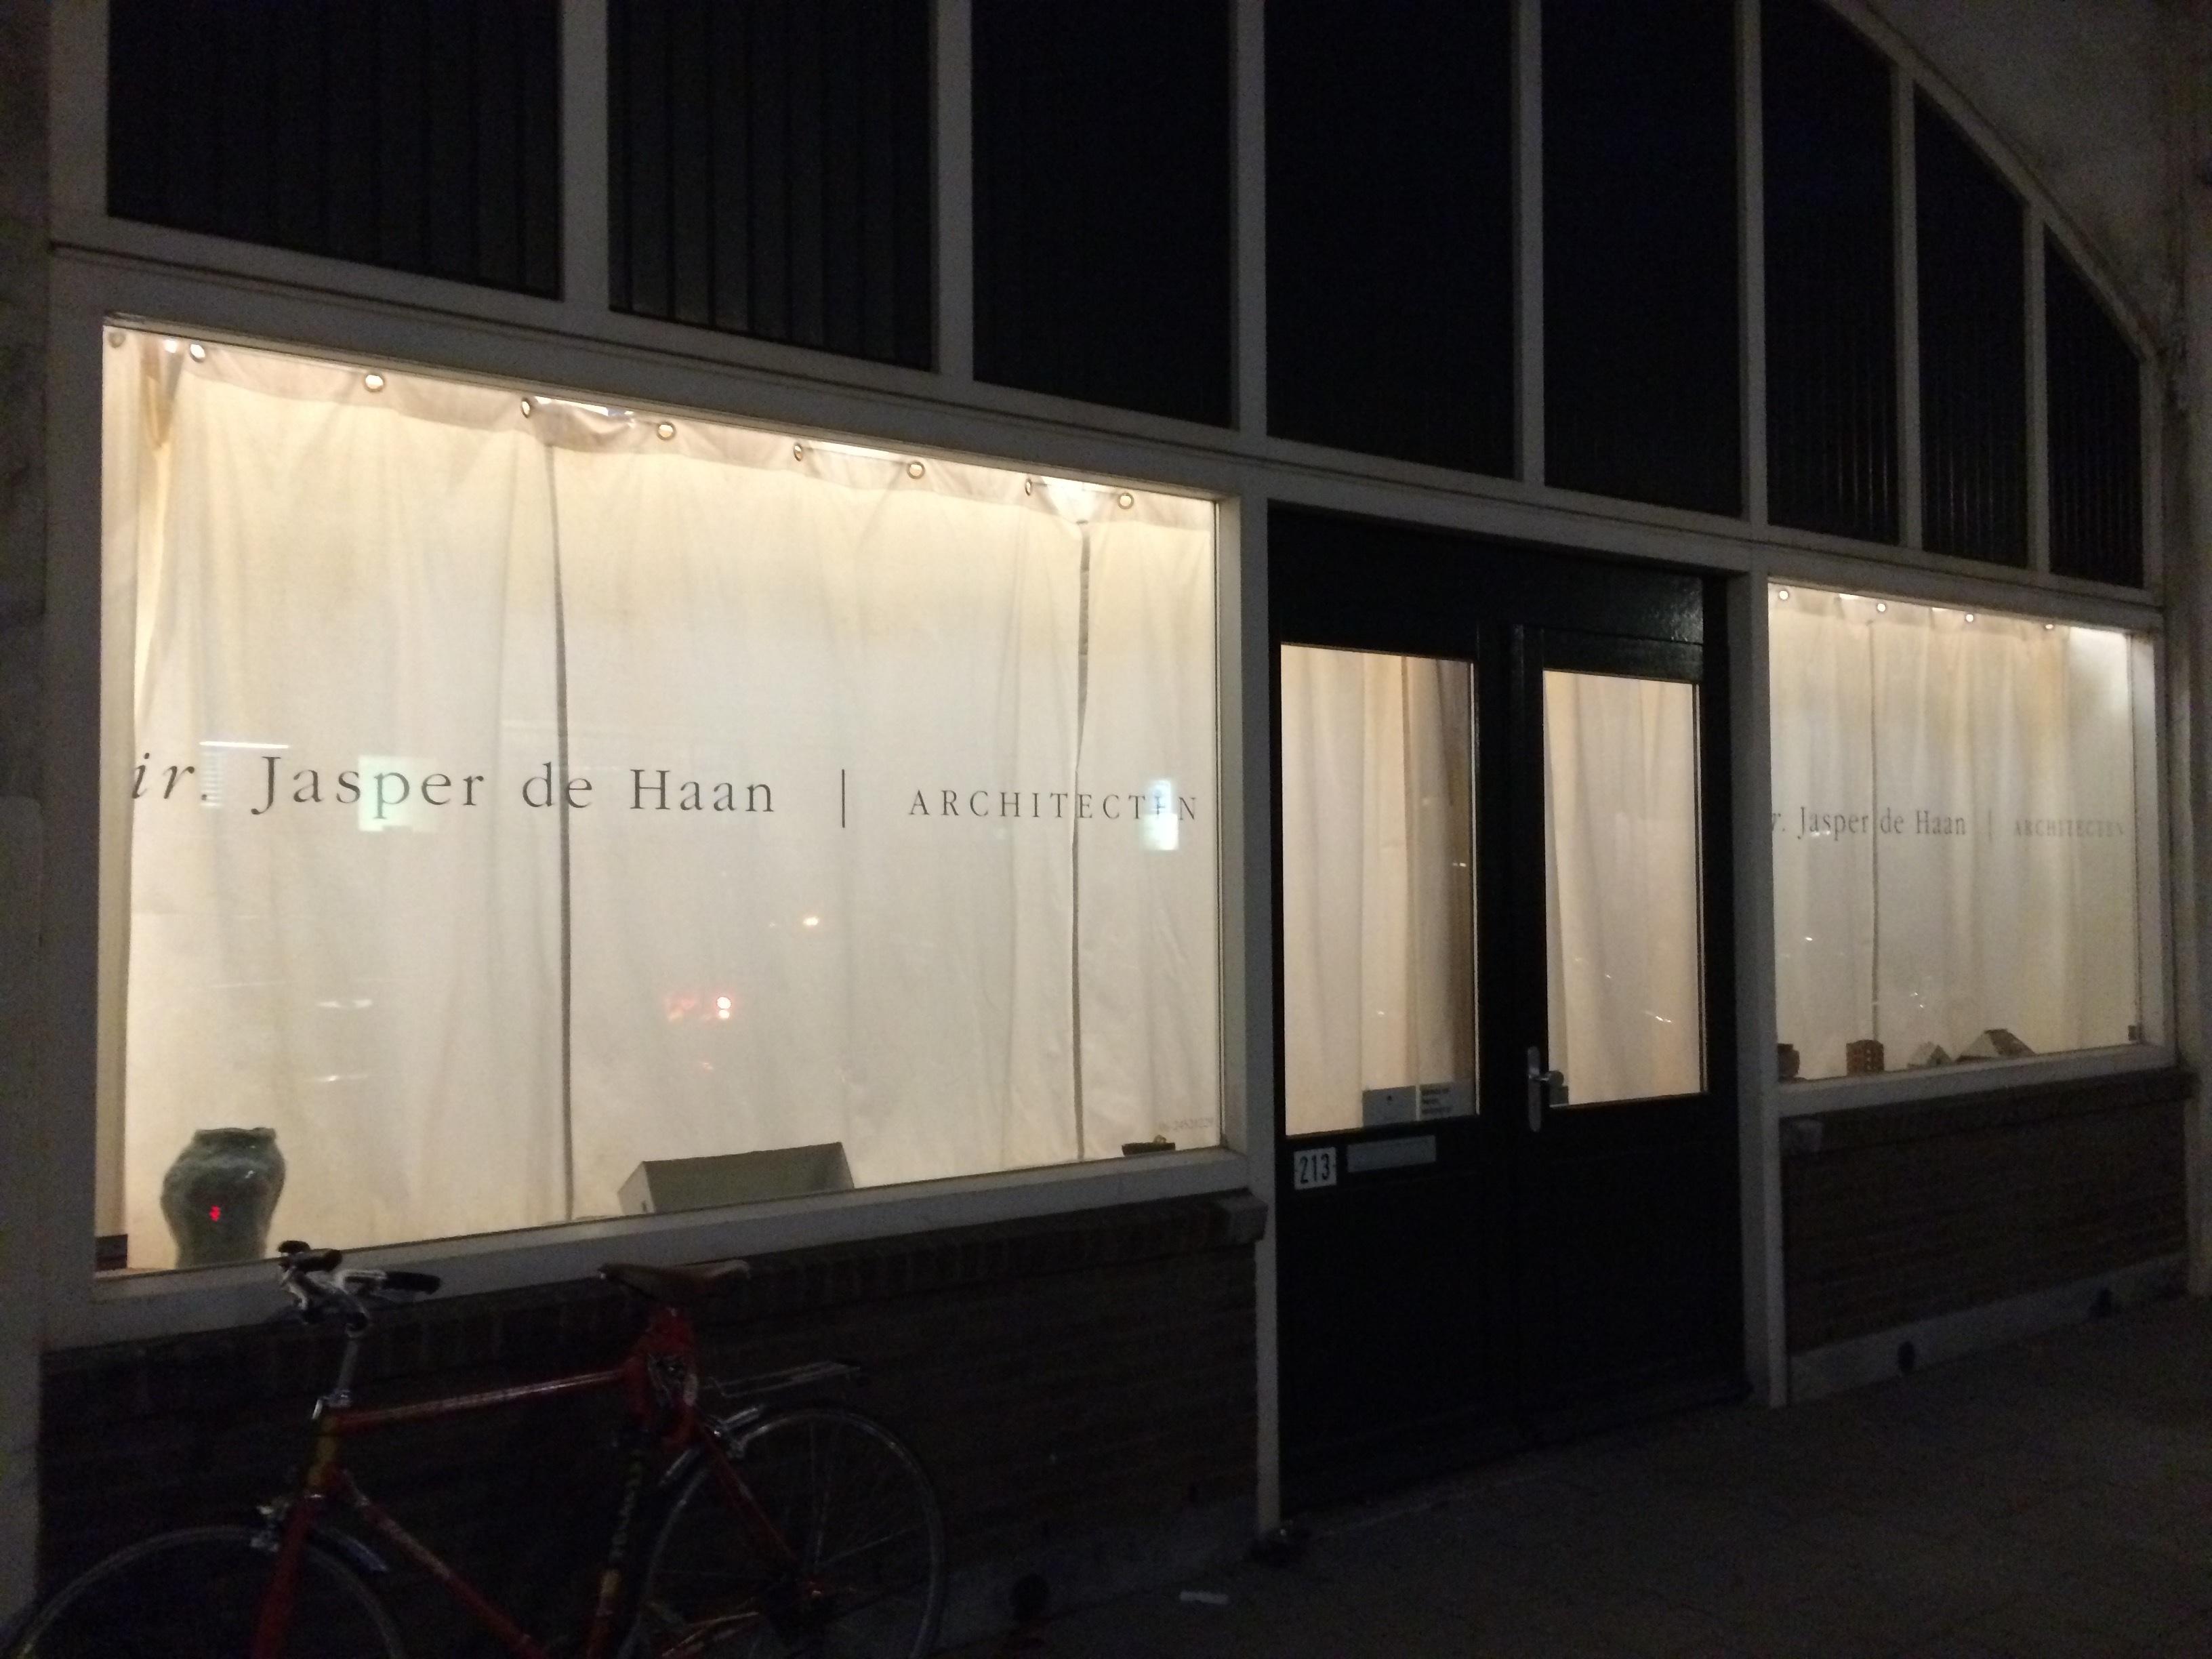 Hofbogen ondernemer: Jasper De Haan Architecten, entree